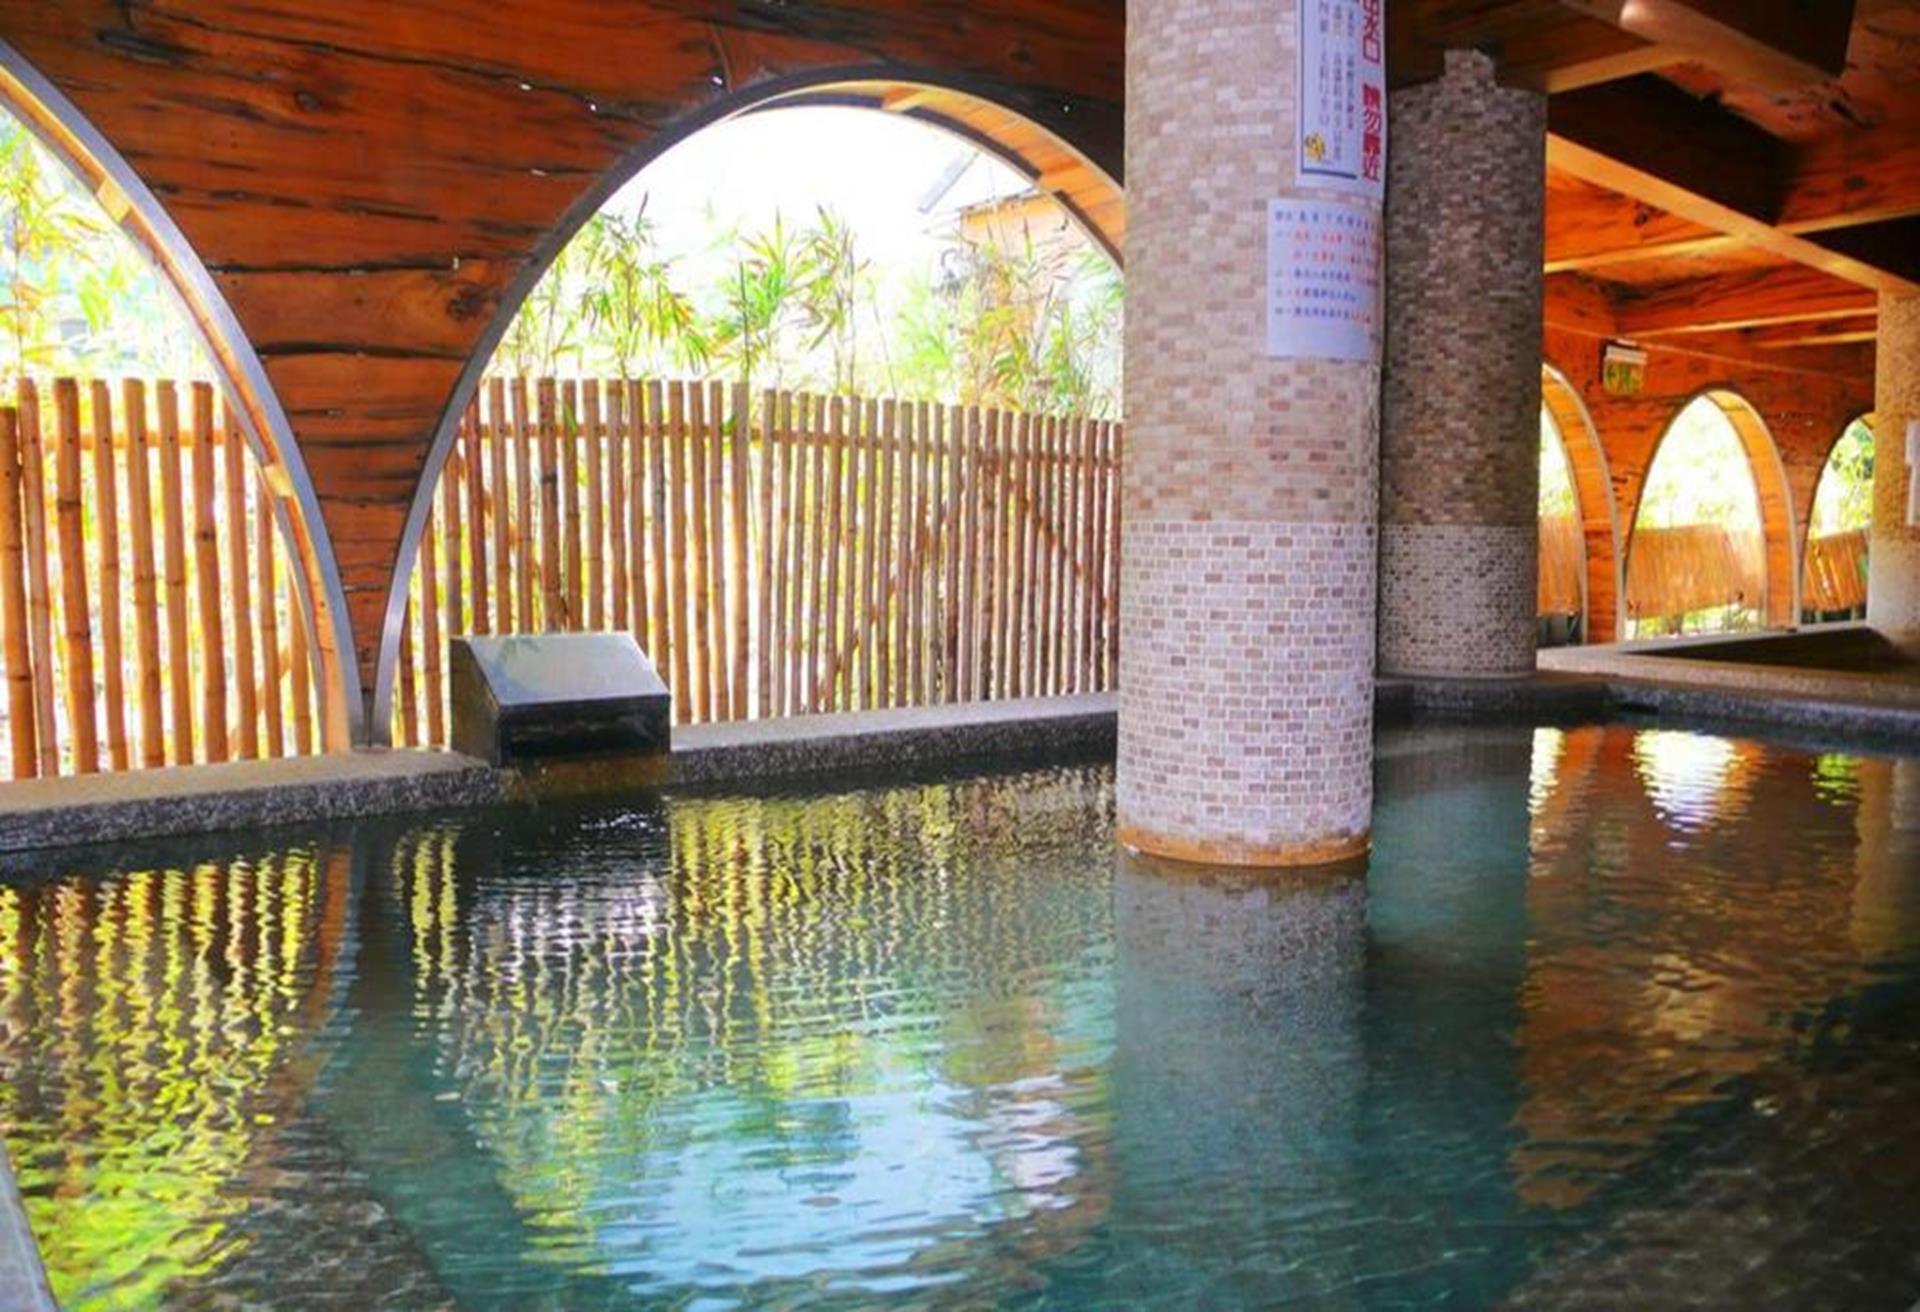 明月溫泉會館,烏來溫泉飯店推薦,烏來溫泉飯店,烏來溫泉旅館